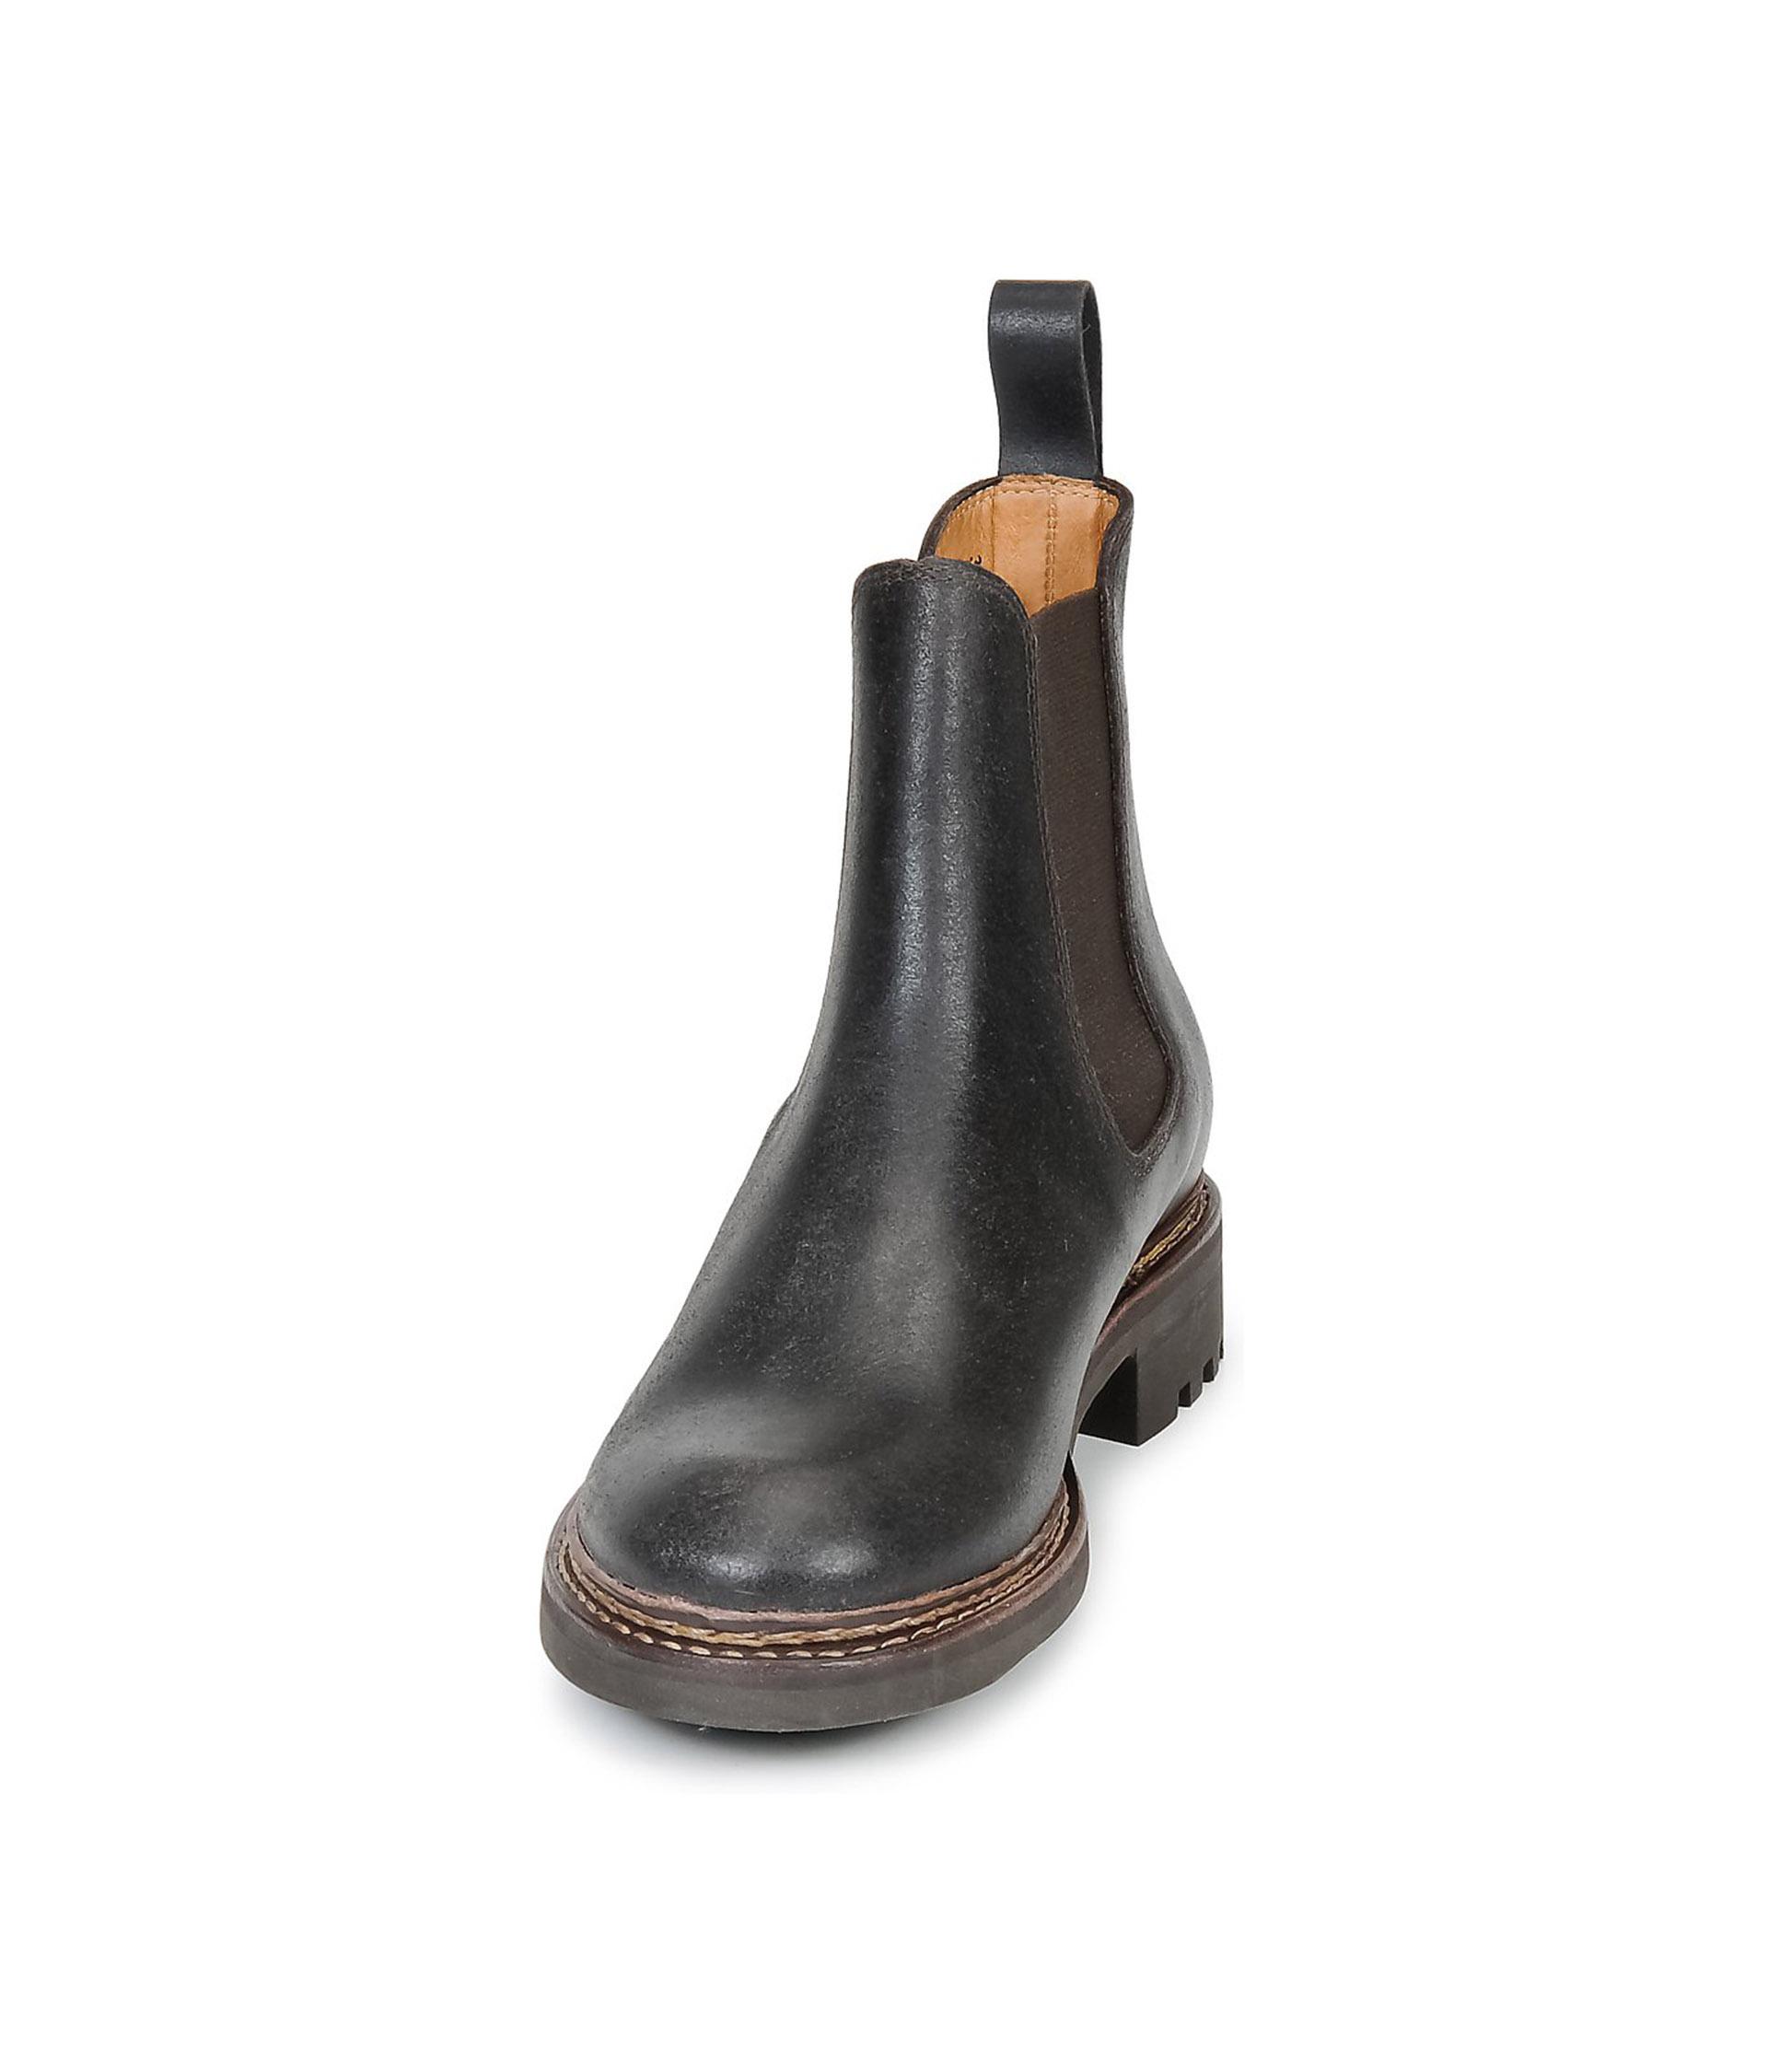 aigle boots femme